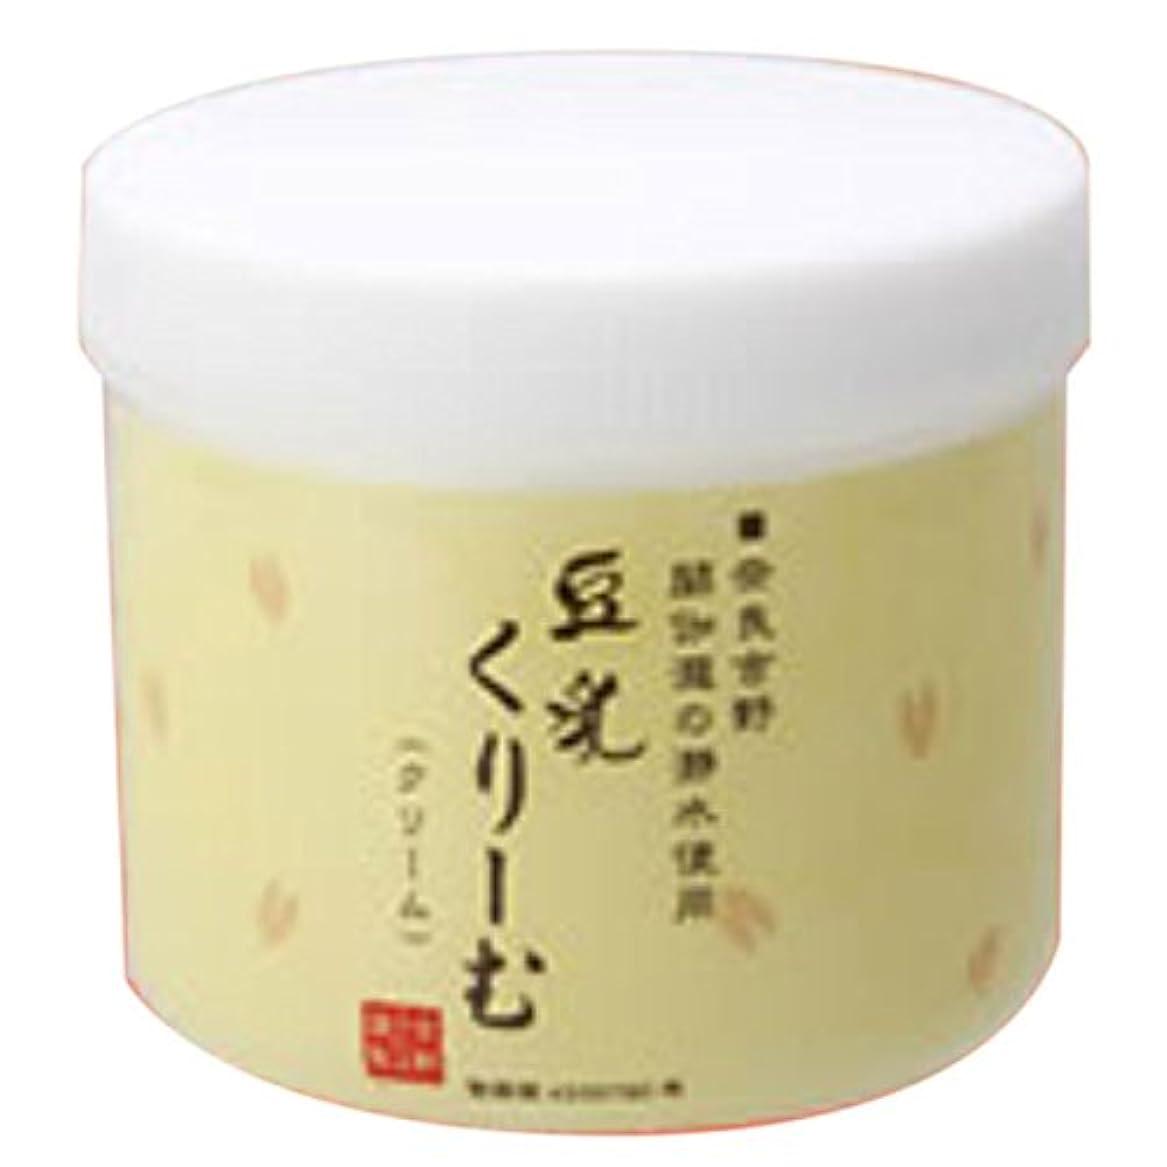 吉野ふじや謹製 とうにゅうくりーむ (豆乳美容クリーム) 3個セット